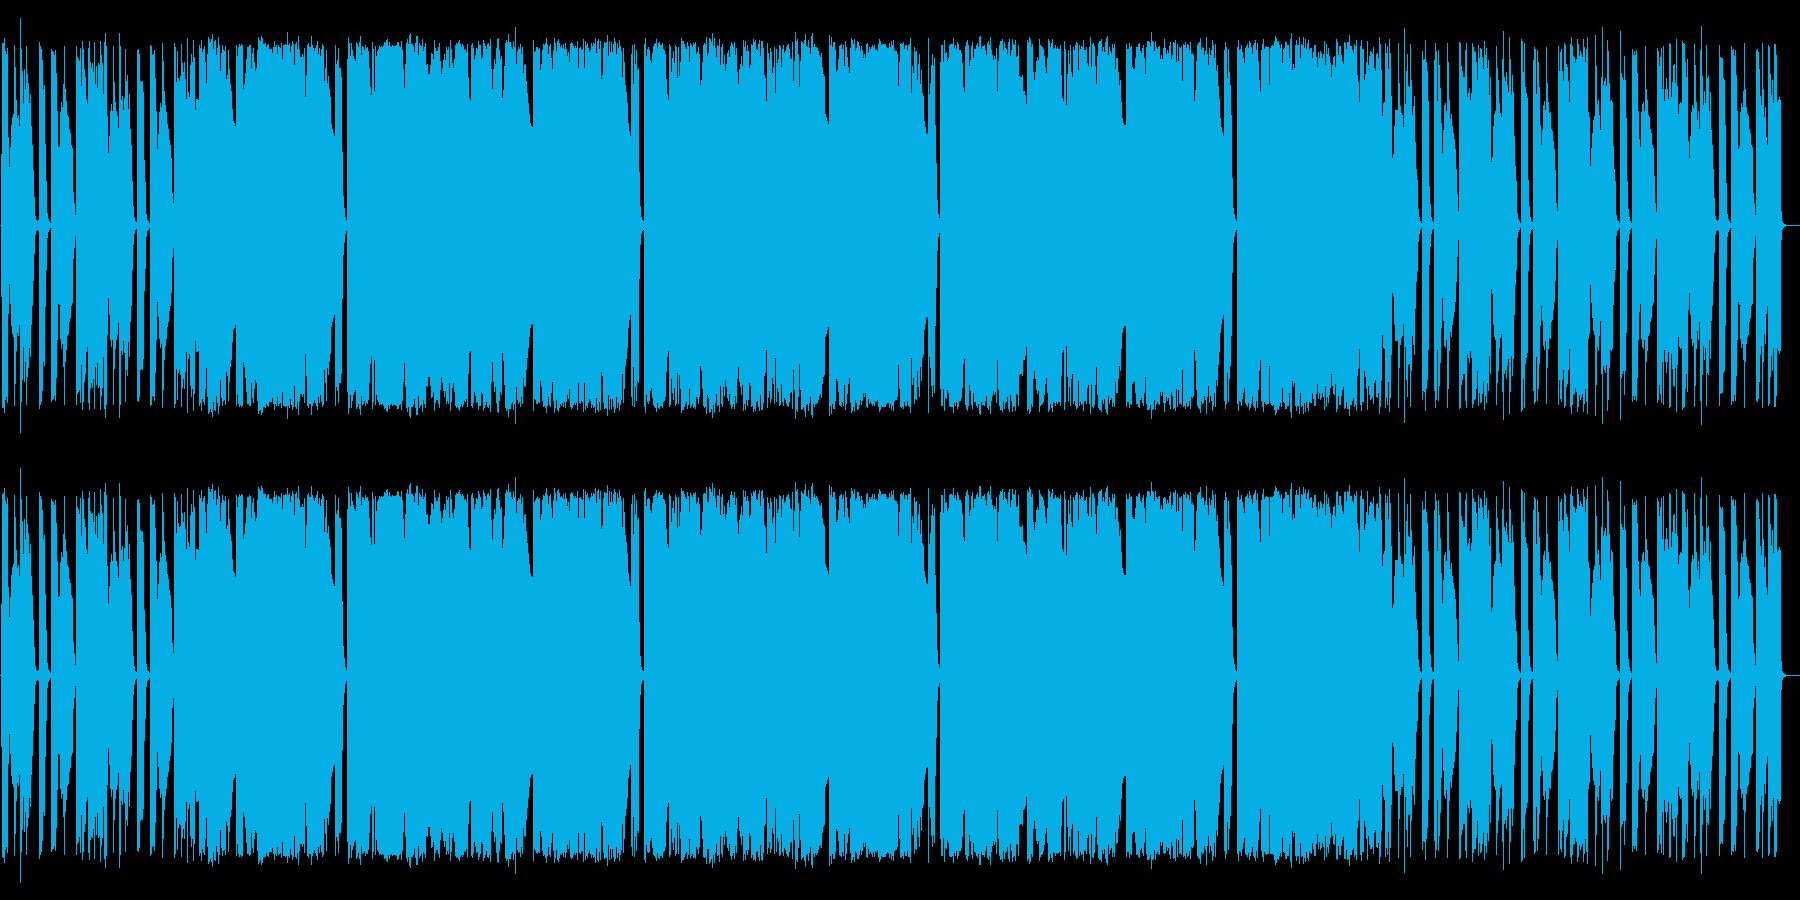 民謡っぽい感じの再生済みの波形